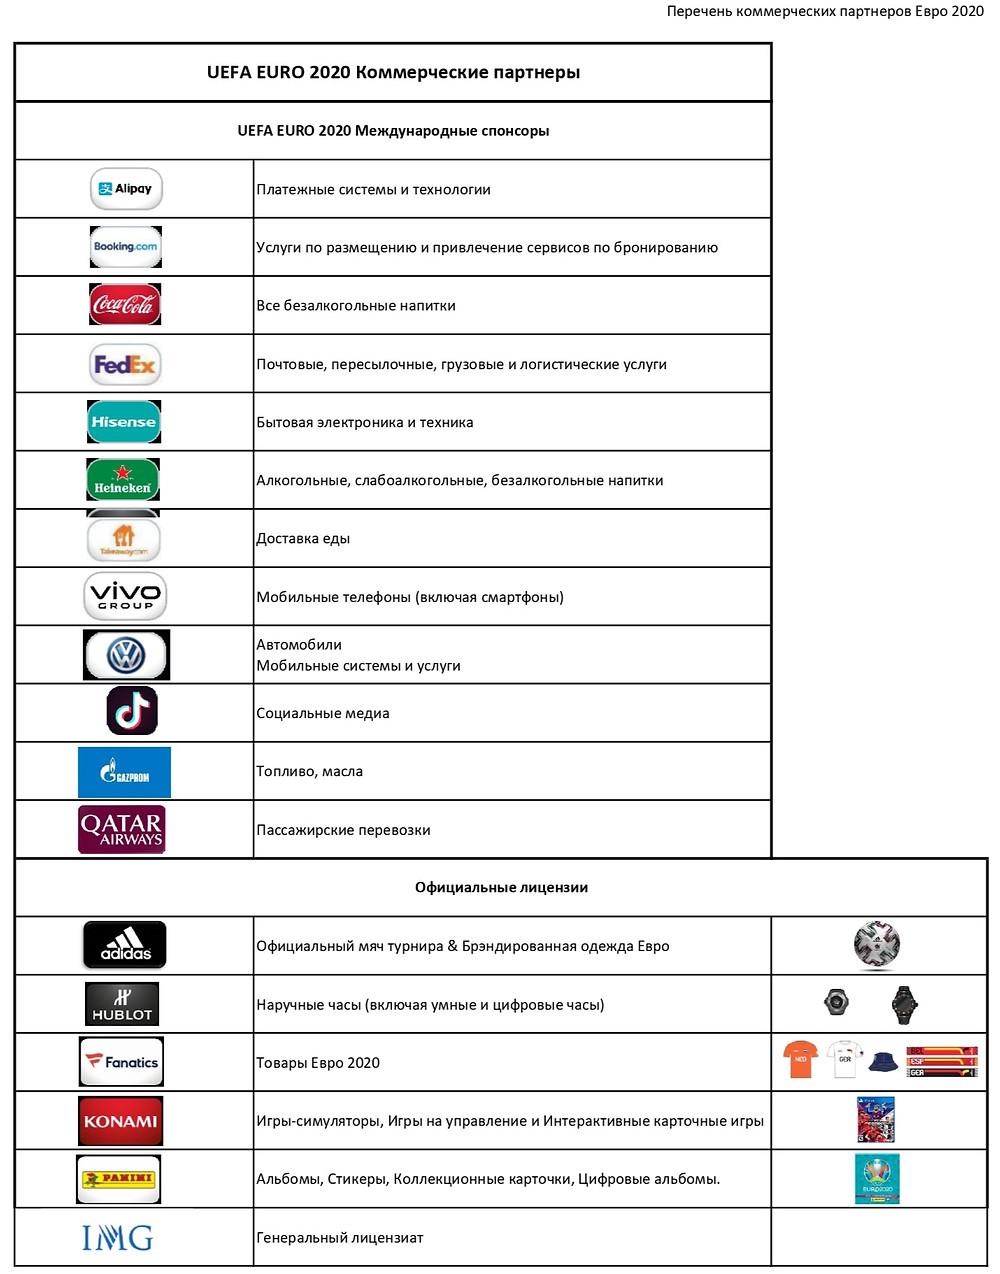 Эти бренды в зоне 2 км не запрещены как партнеры УЕФА